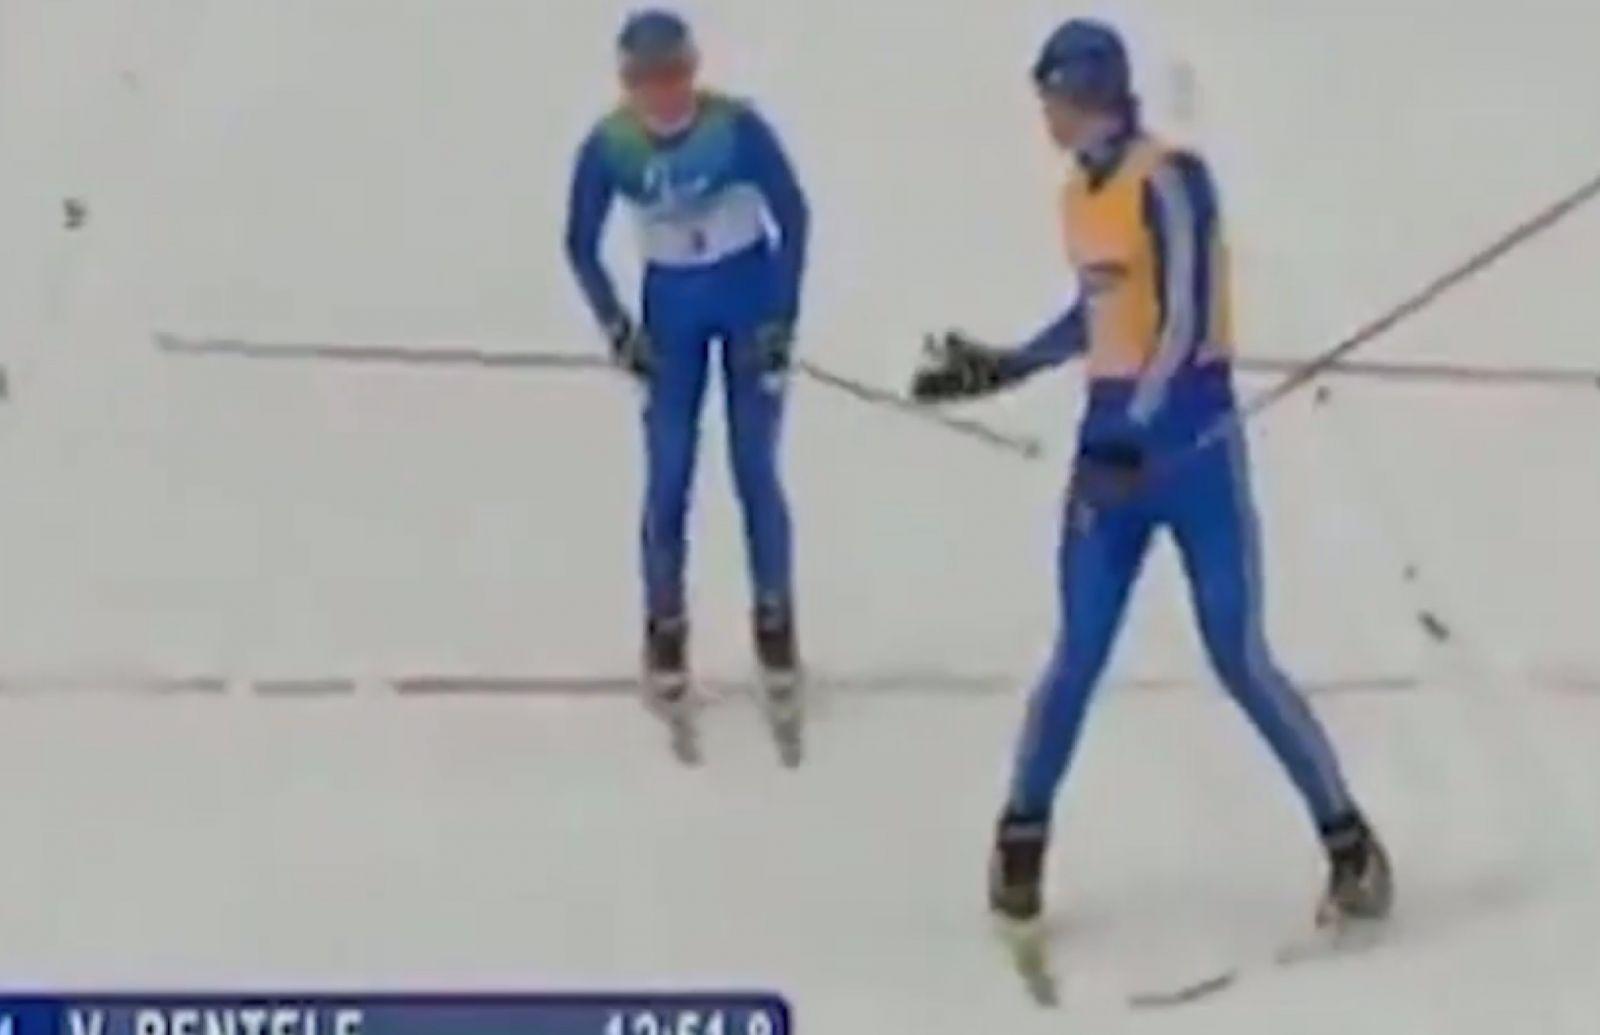 Сильнее обстоятельств – 6-кратная чемпионка, 8-кратный серебряный и 3-кратный бронзовый призер Паралимпийских игр по лыжным гонкам и биатлону спорта слепых Михалина Лысова